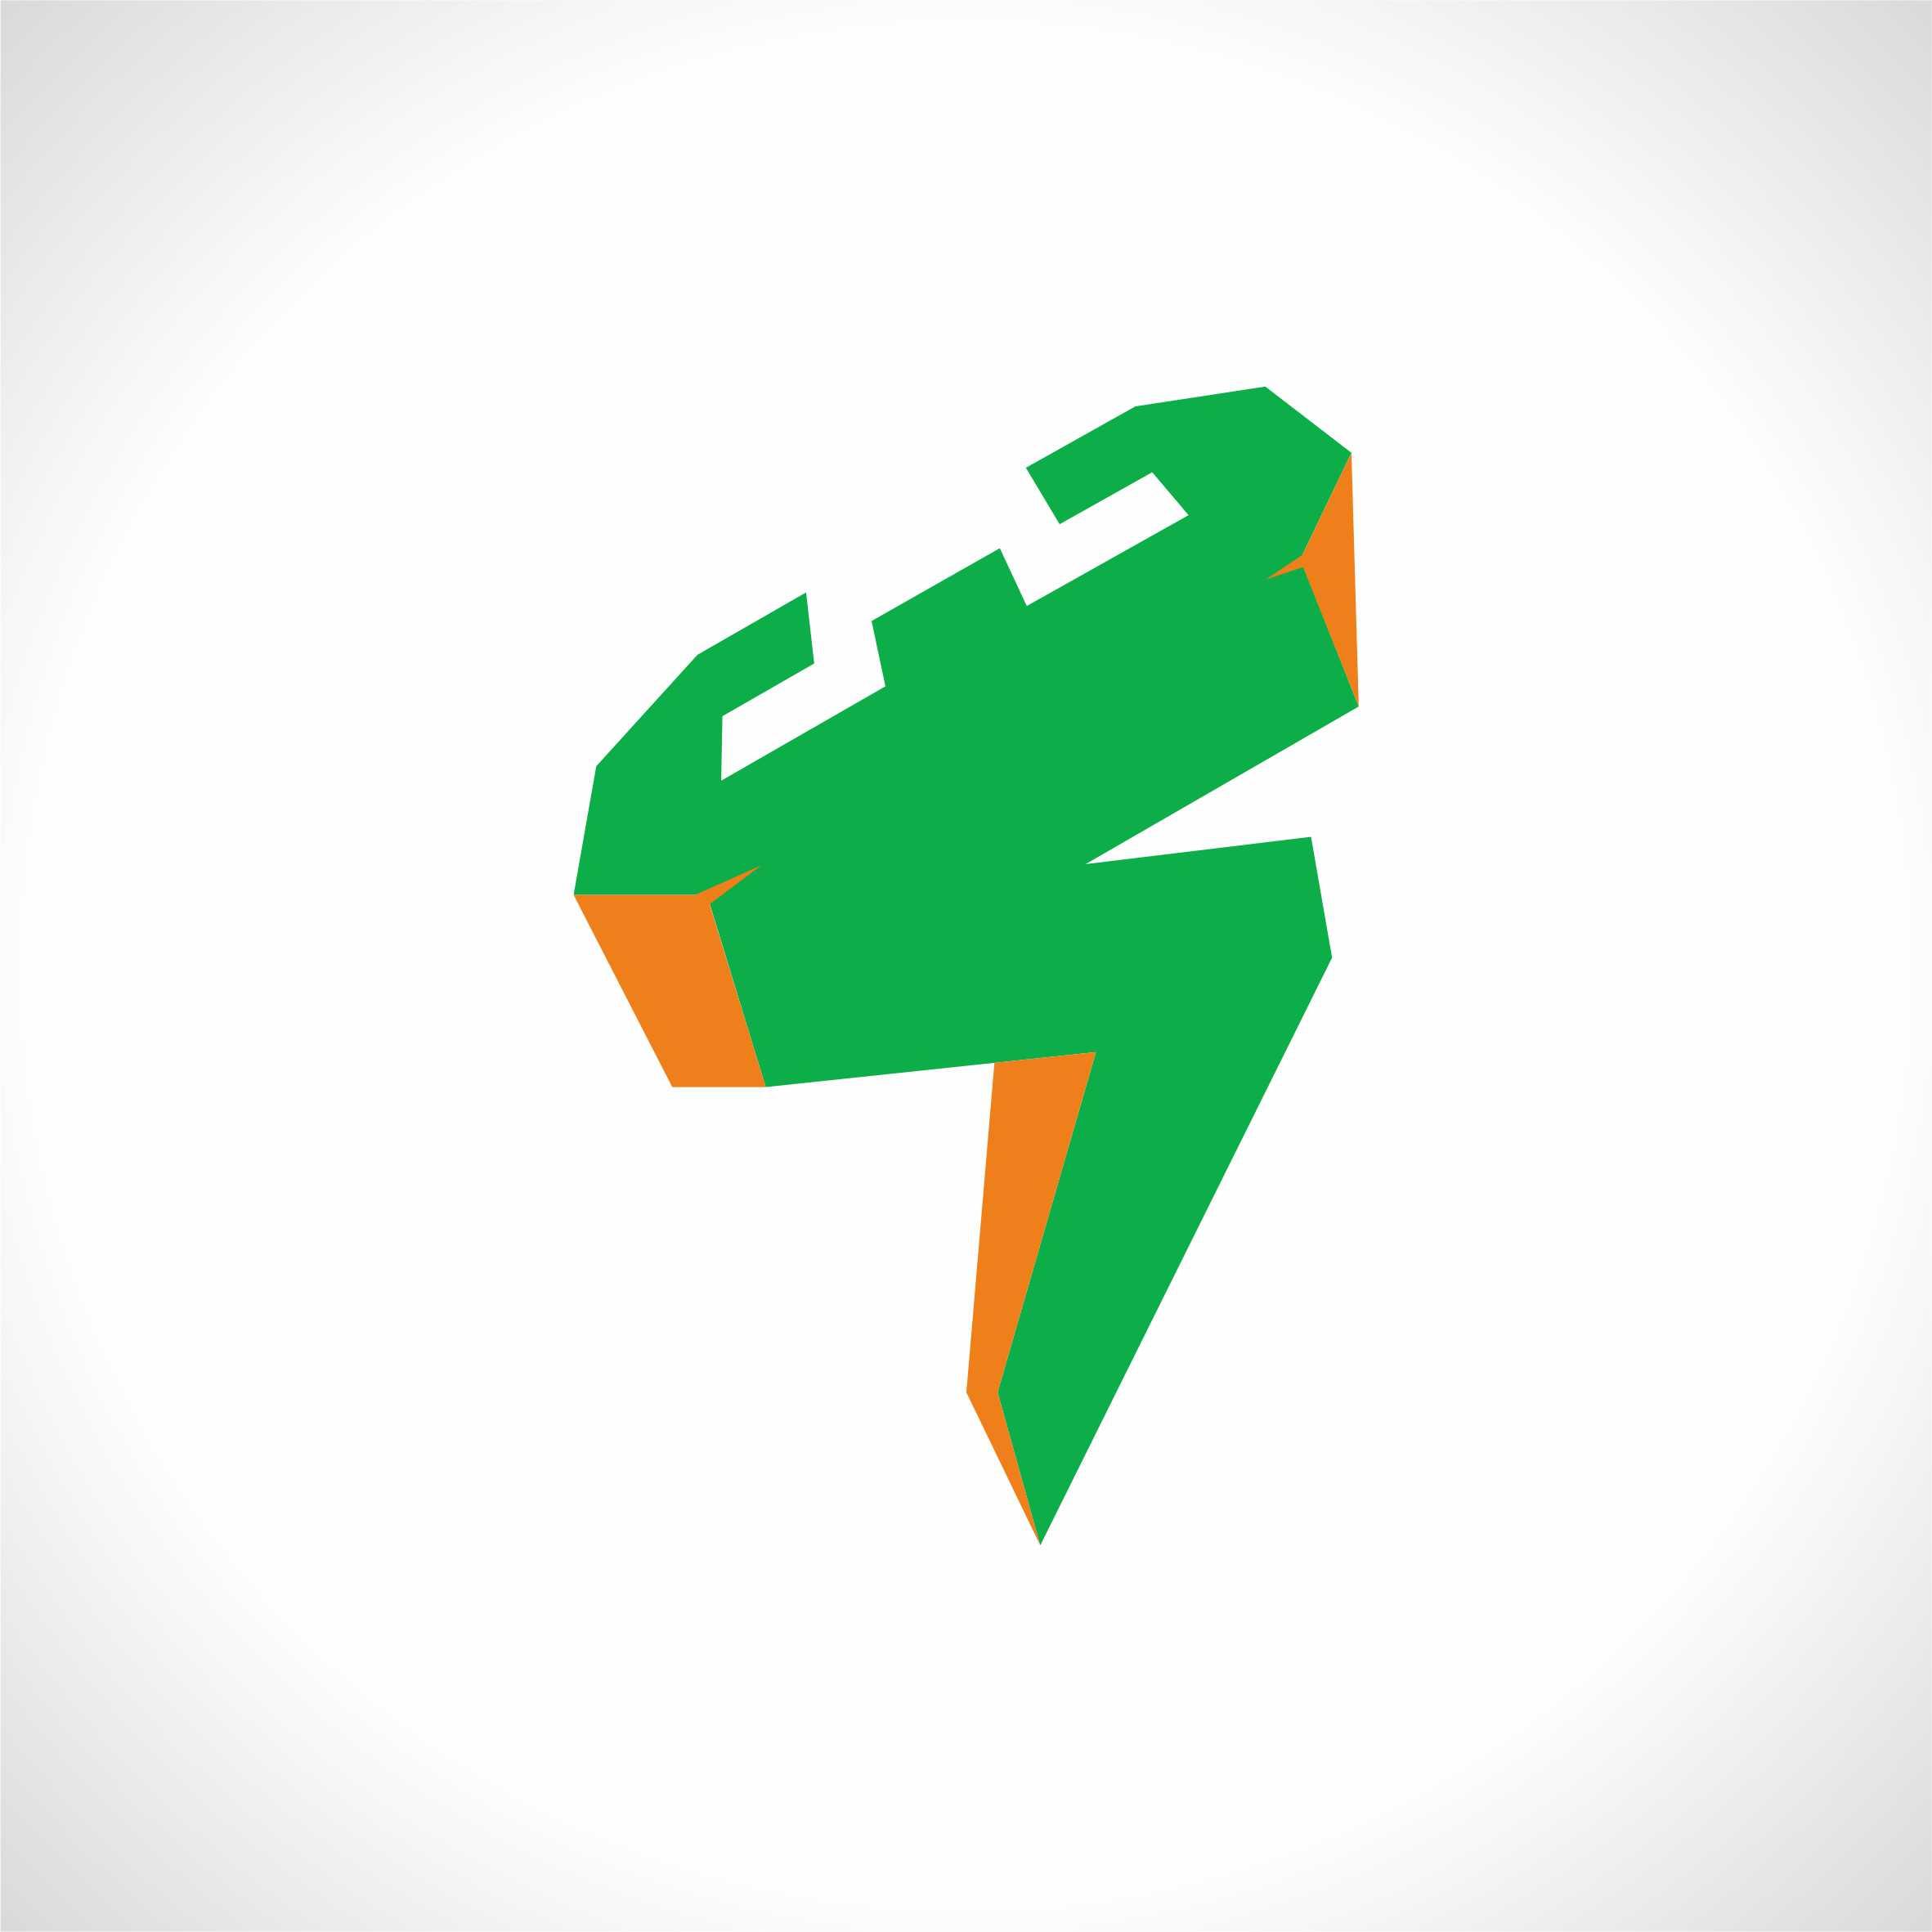 Логотип для инженерной компании фото f_98351c91f25871bb.jpg